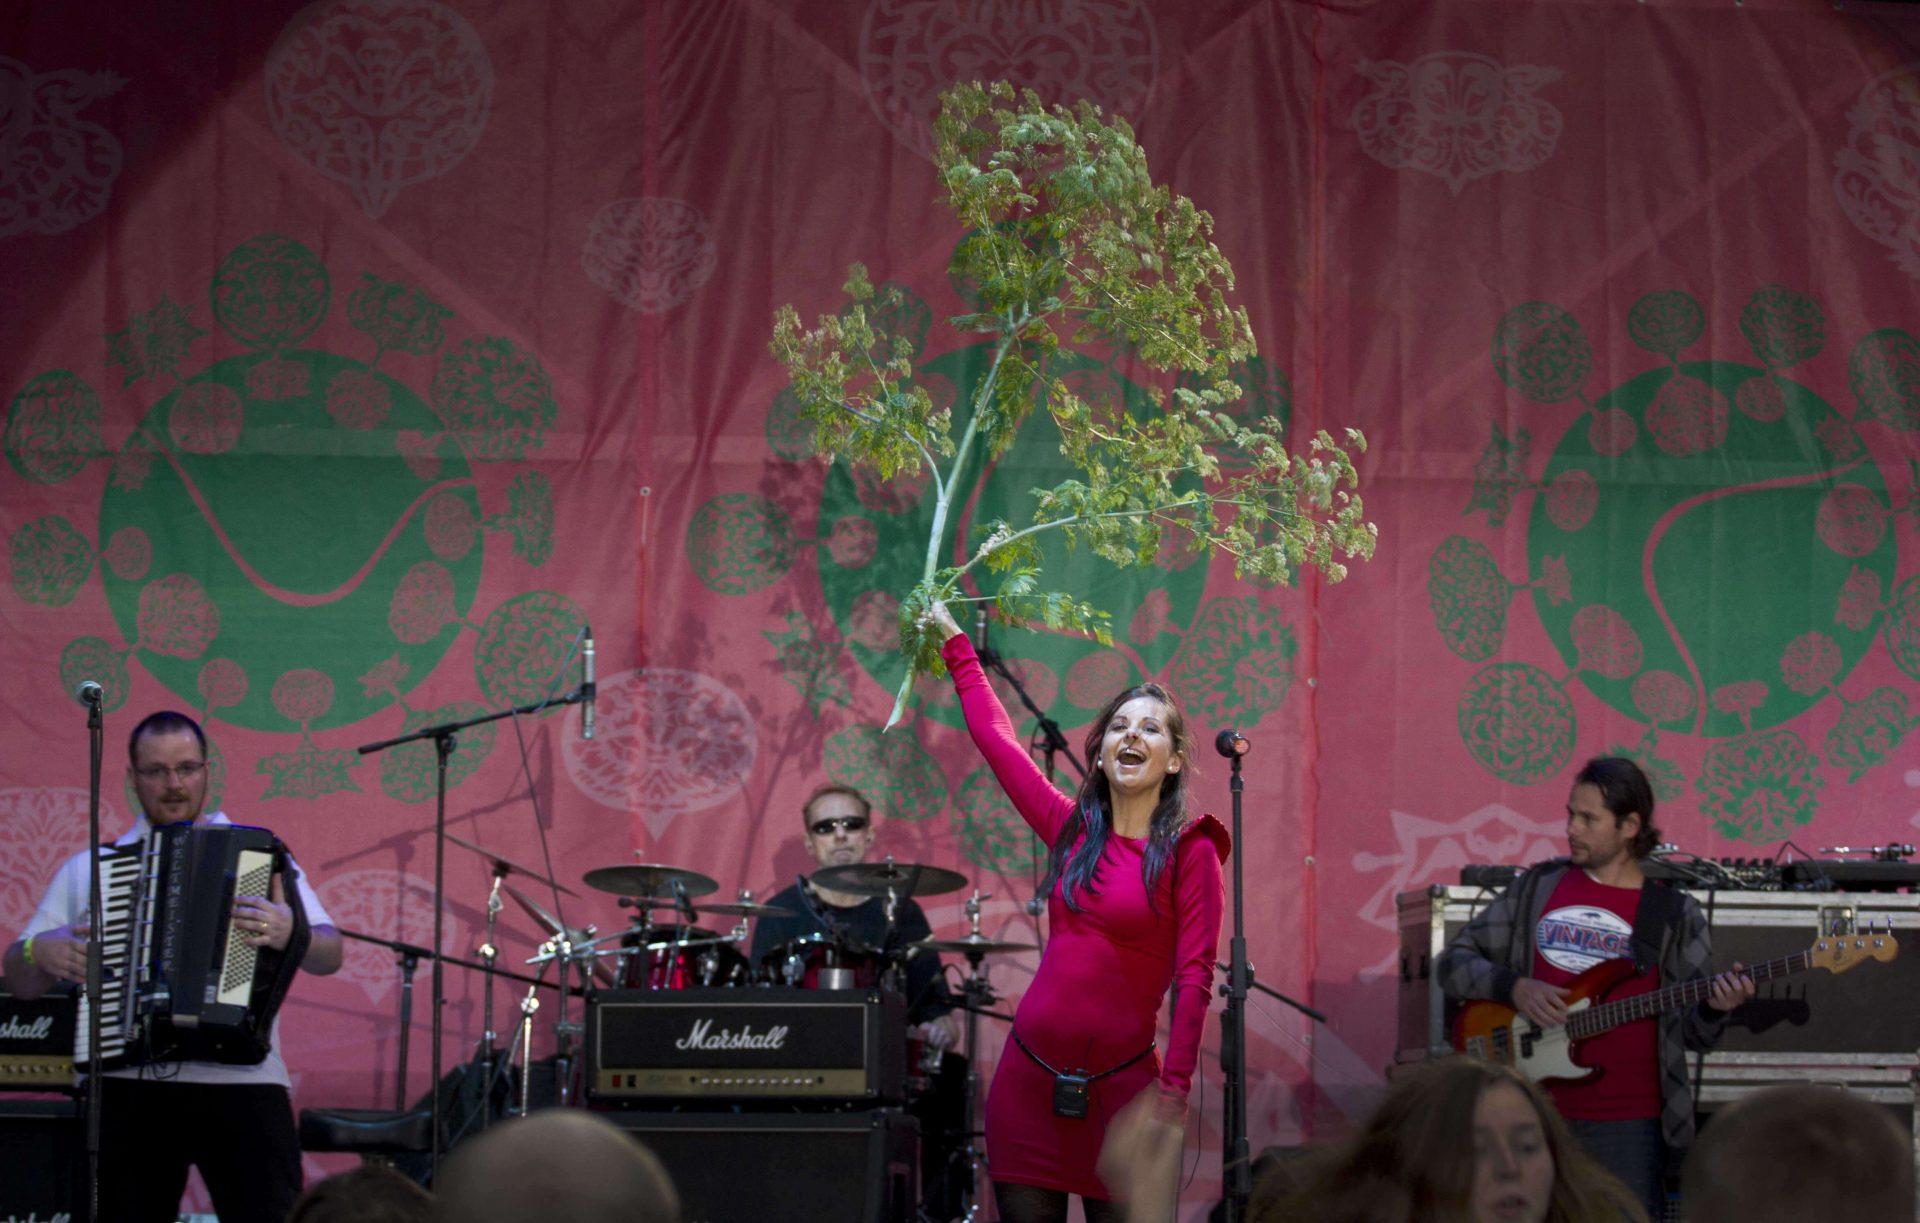 Вокалістка у піднятій руці тримає гілку дерева та троє музикантів на сцені фестивалю в Унежі